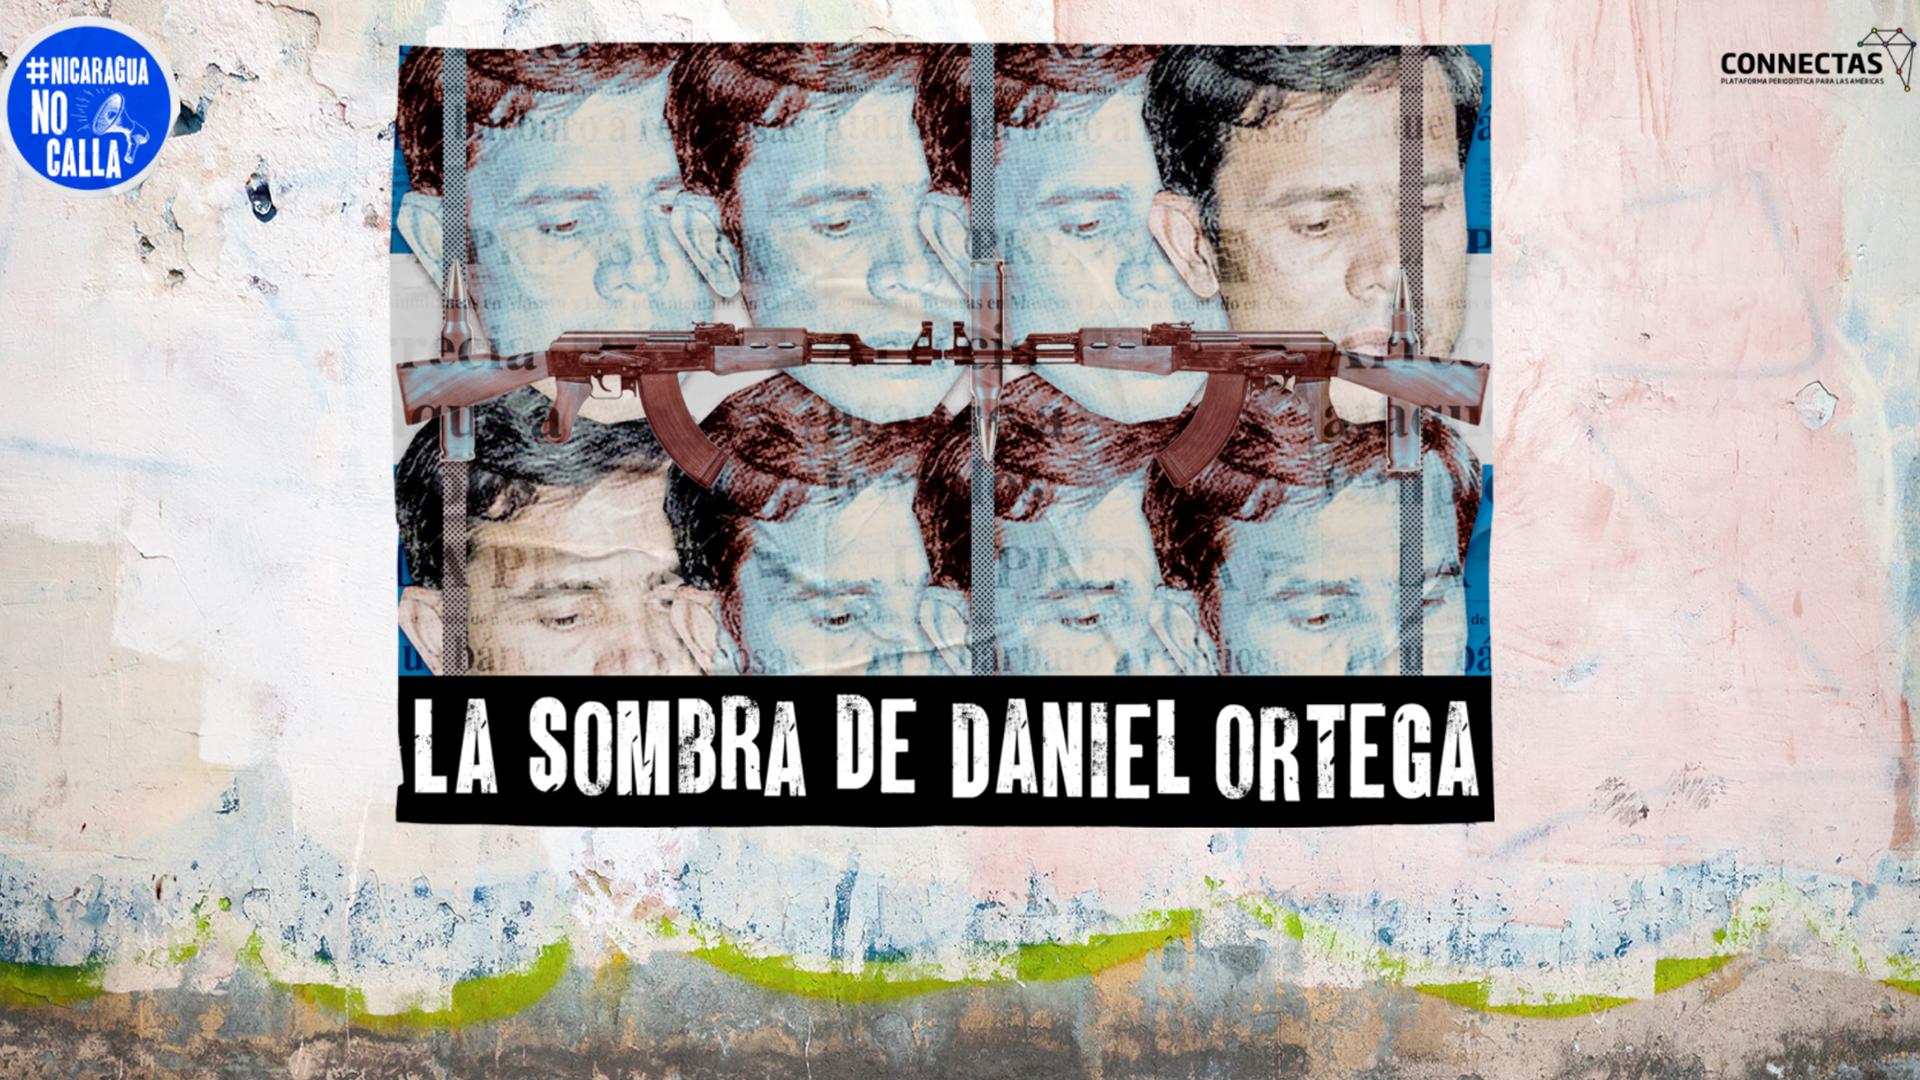 La sombra de Daniel Ortega